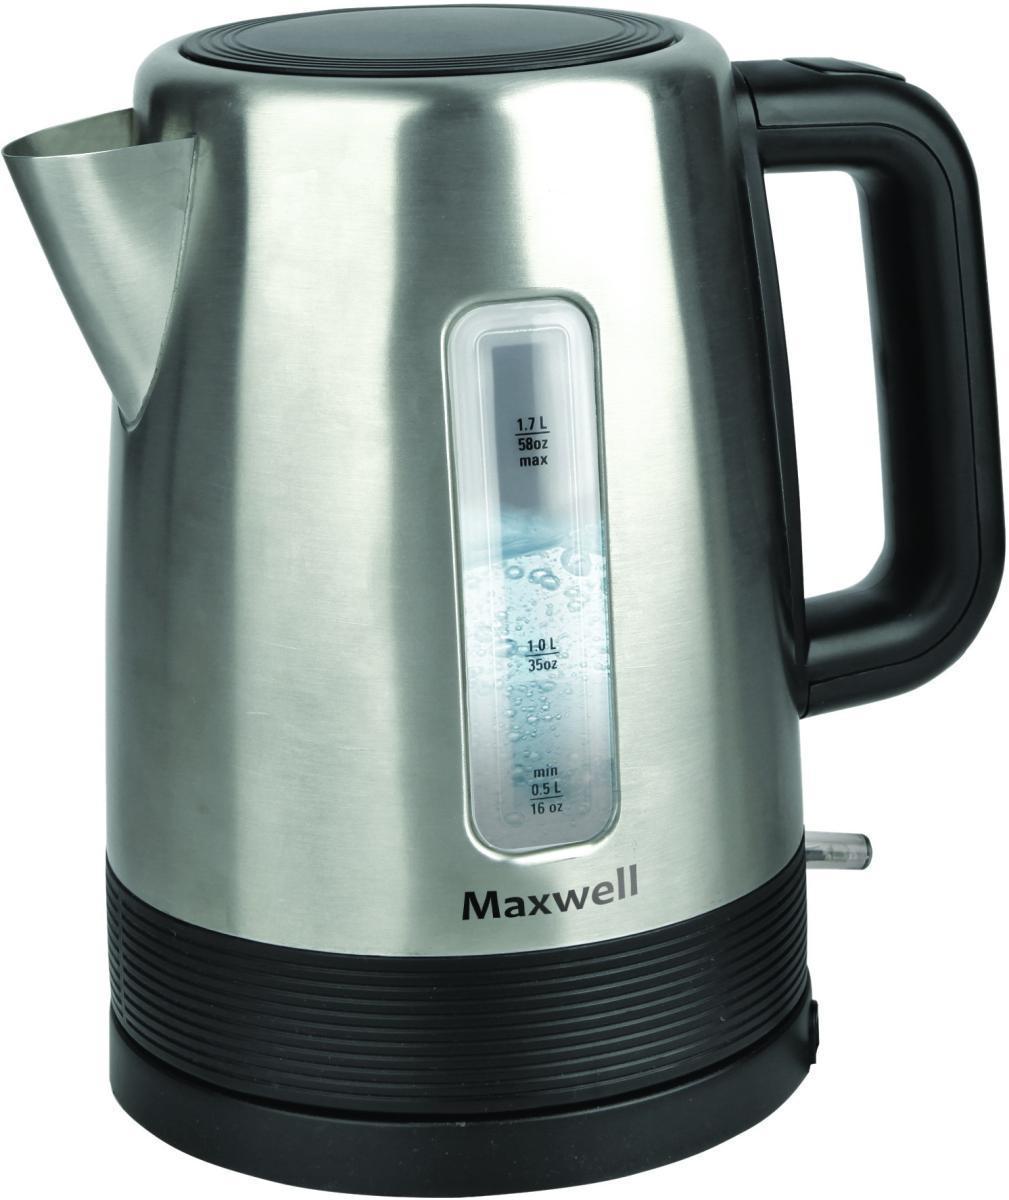 Maxwell MW-1061(ST) электрочайникMW-1061Электрический чайник Maxwell MW-1061 является прекрасным решением для тех, кто любит устраивать себе перерывы в работе на чашечку чая или кофе. Он прост в управлении и долговечен в использовании. Чайник автоматически выключается при закипании.